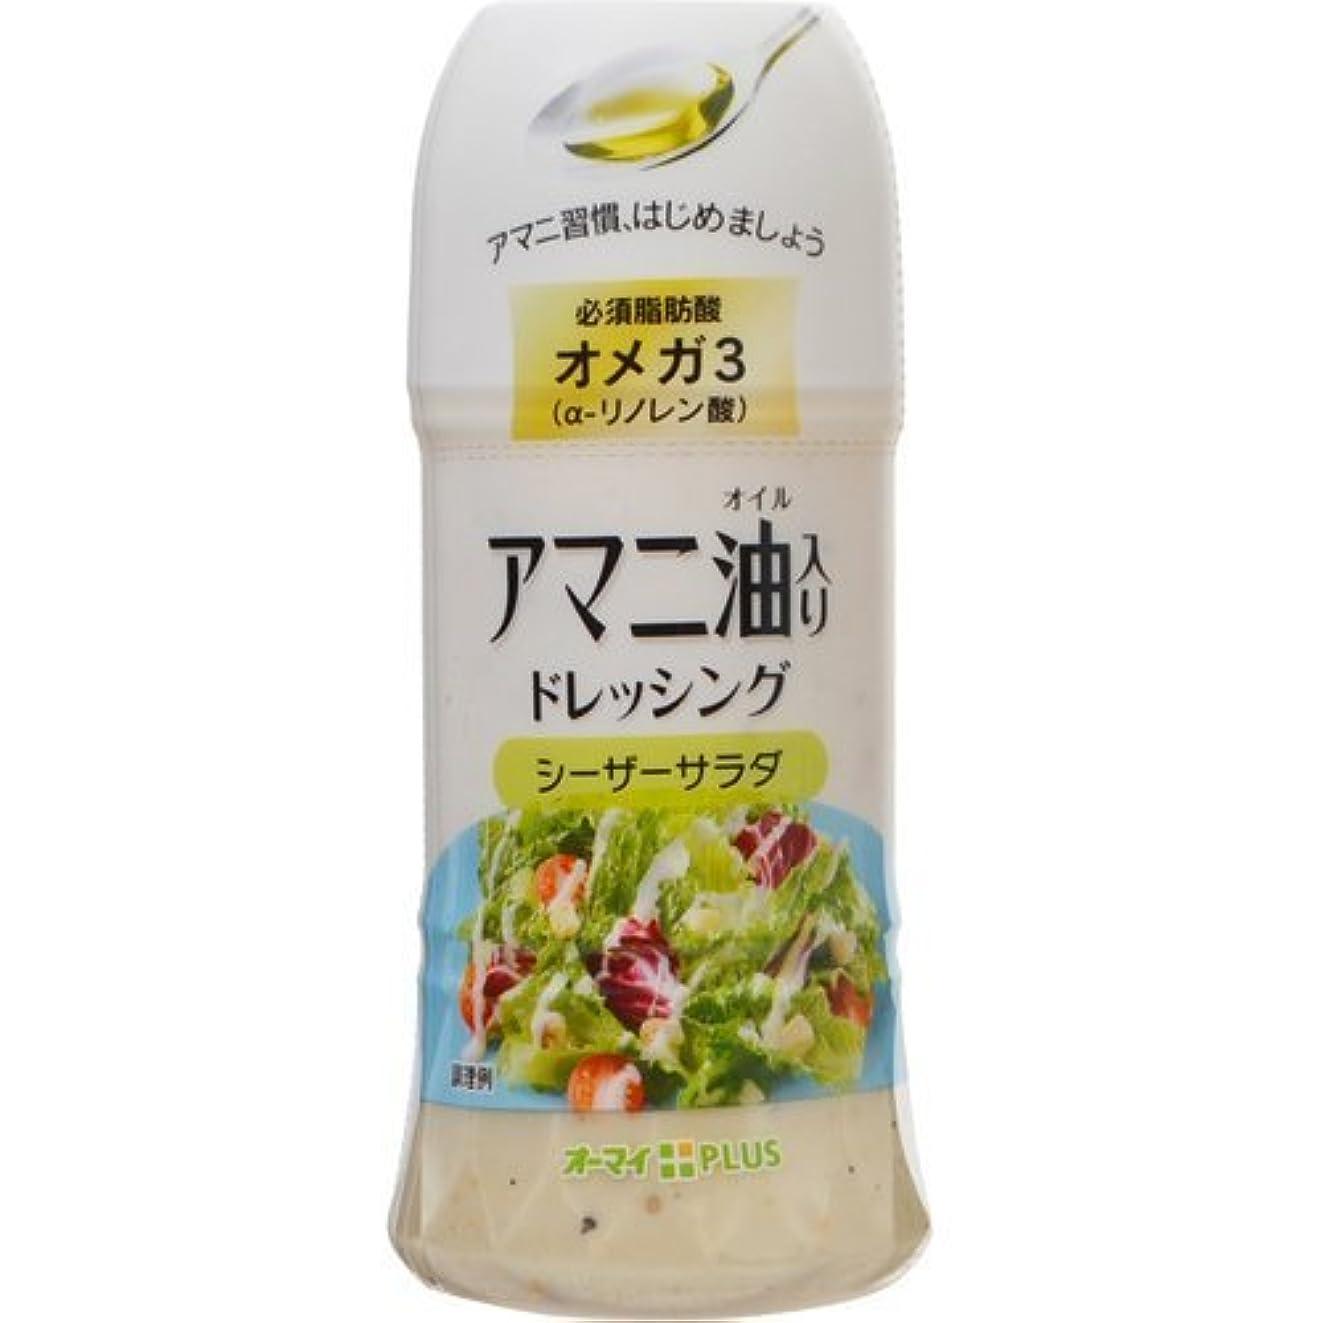 補助クラッシュ高潔なアマニ油入り ドレッシング シーザーサラダ【6セット】